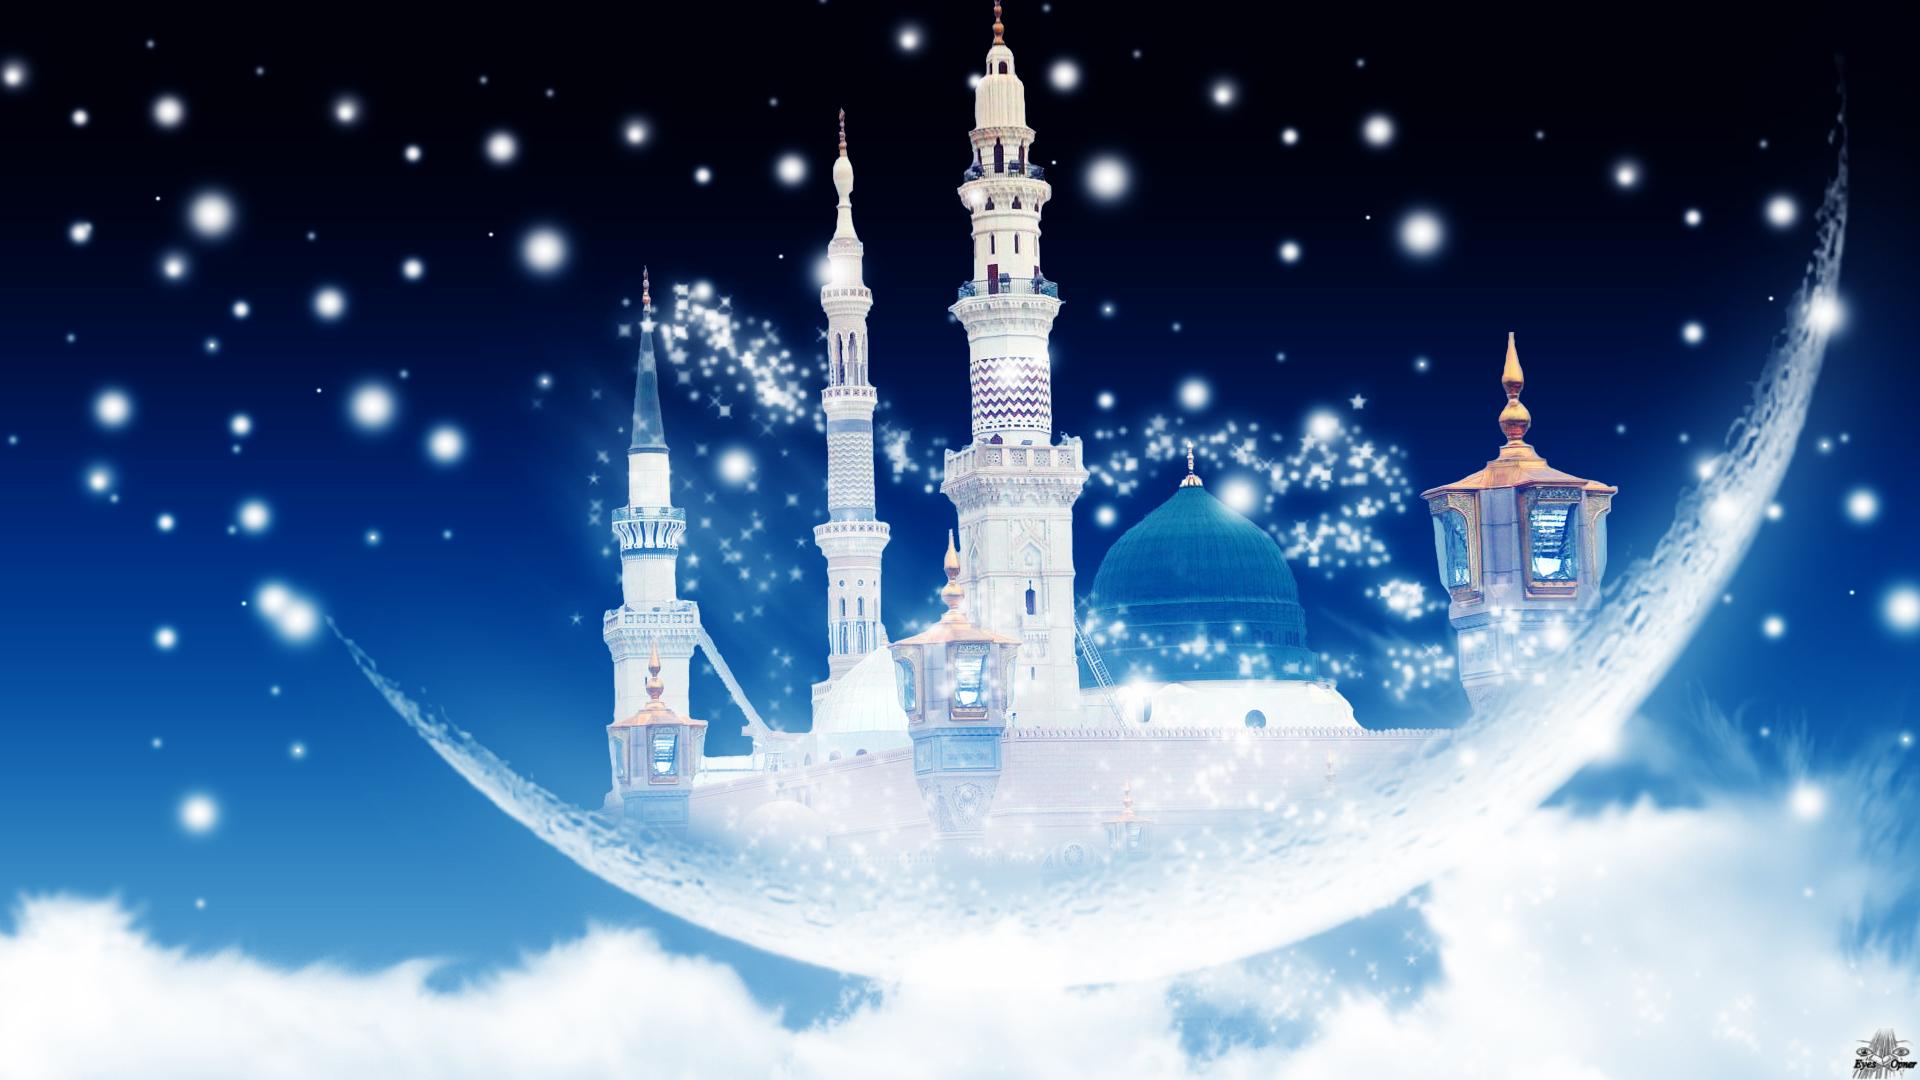 Allama Iqbal Wallpapers Hd Islamic Wallpapers